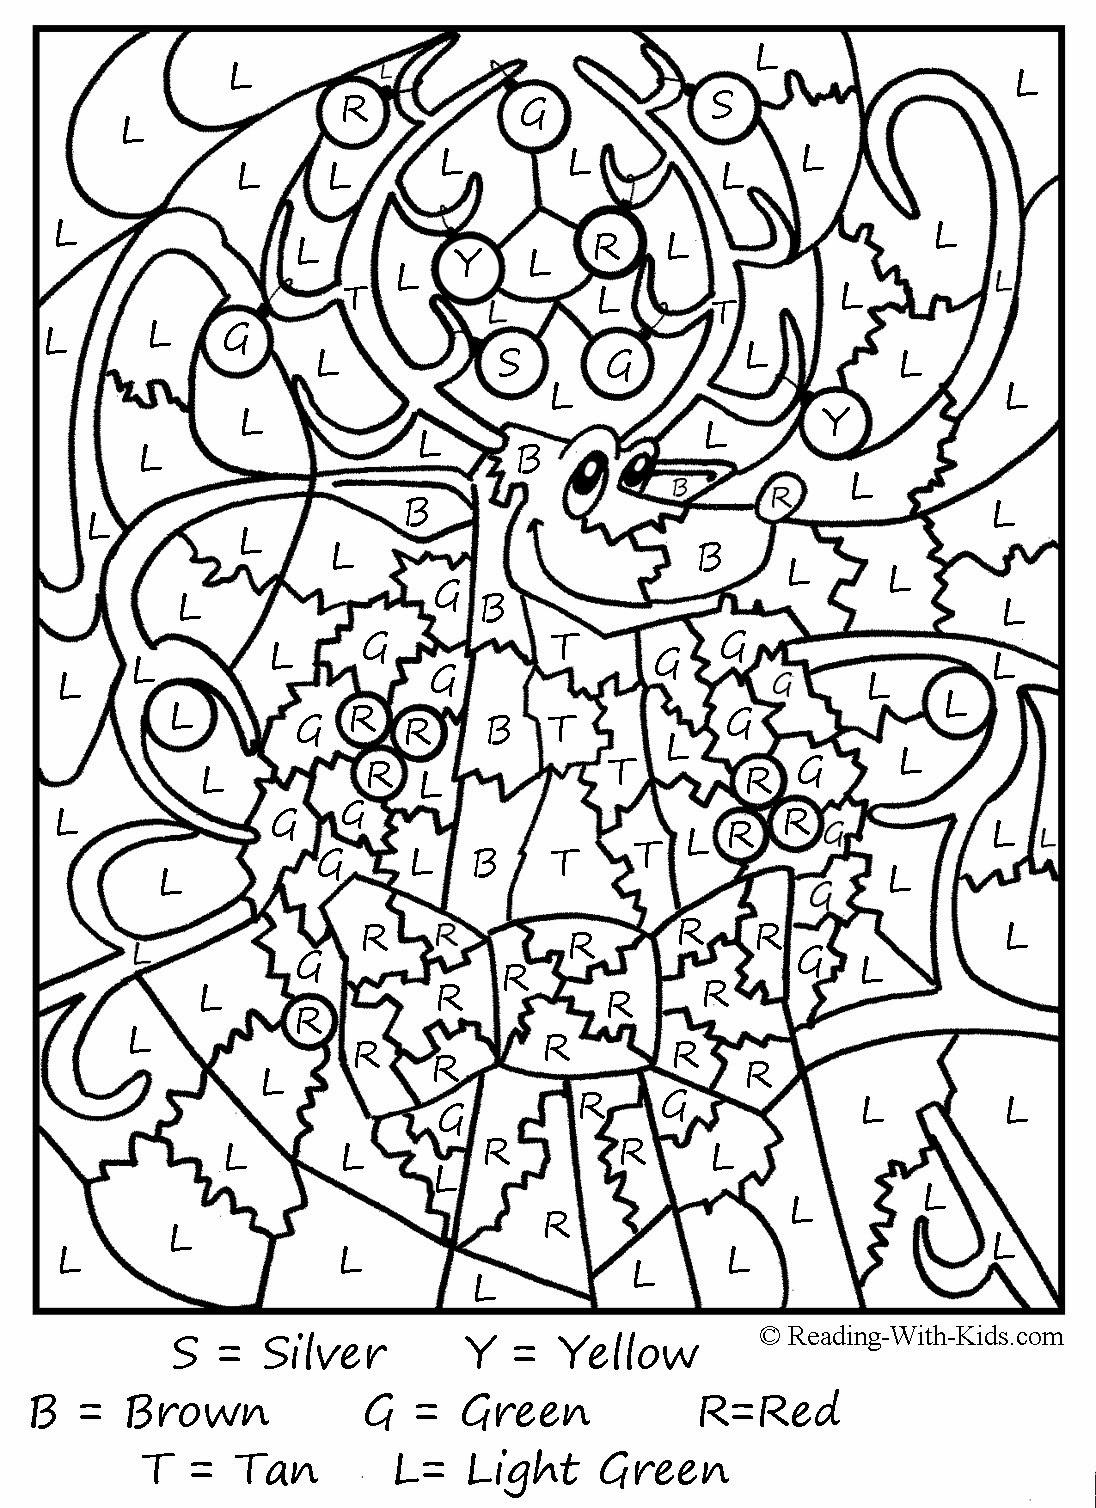 Dessins Gratuits À Colorier - Coloriage Magique Cp À Imprimer tout Coloriage Magique Alphabet Cp